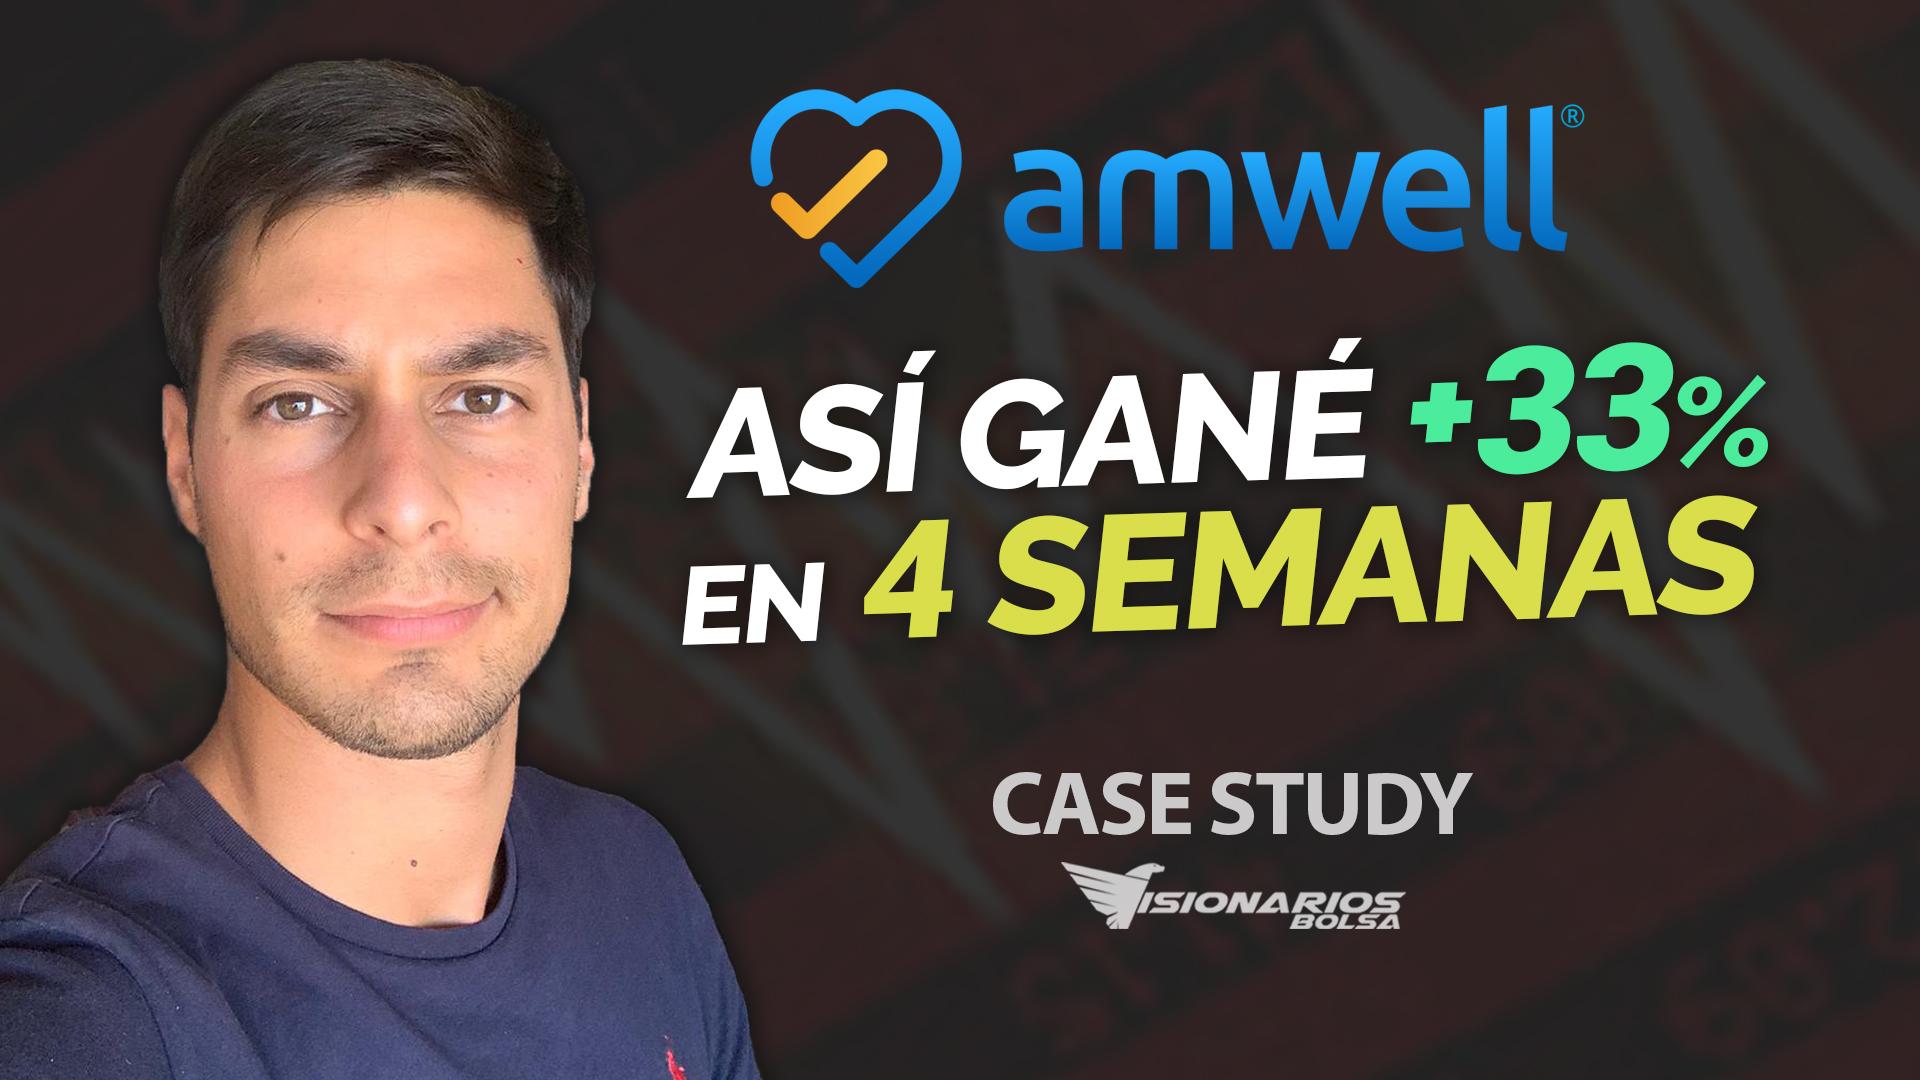 Cómo Ganar +33% De Rentabilidad En 4 Semanas | Case Study AMWL